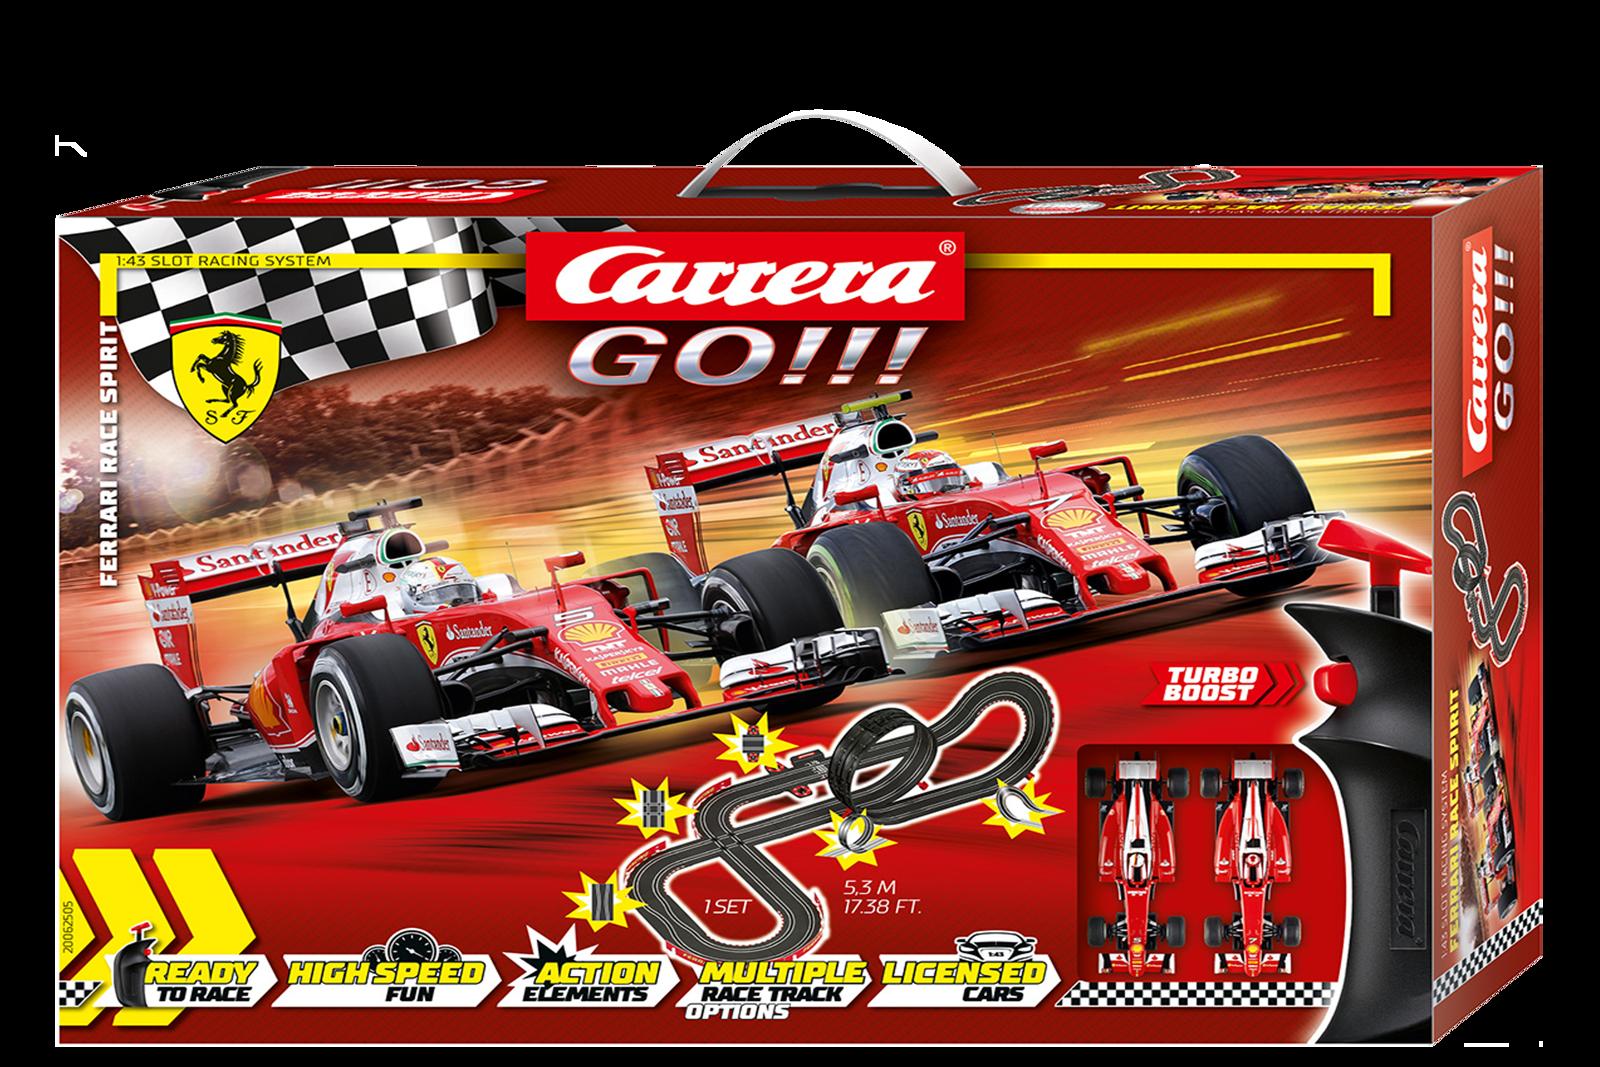 62505 Go!!! Ferrari Race Spirit, Carrera